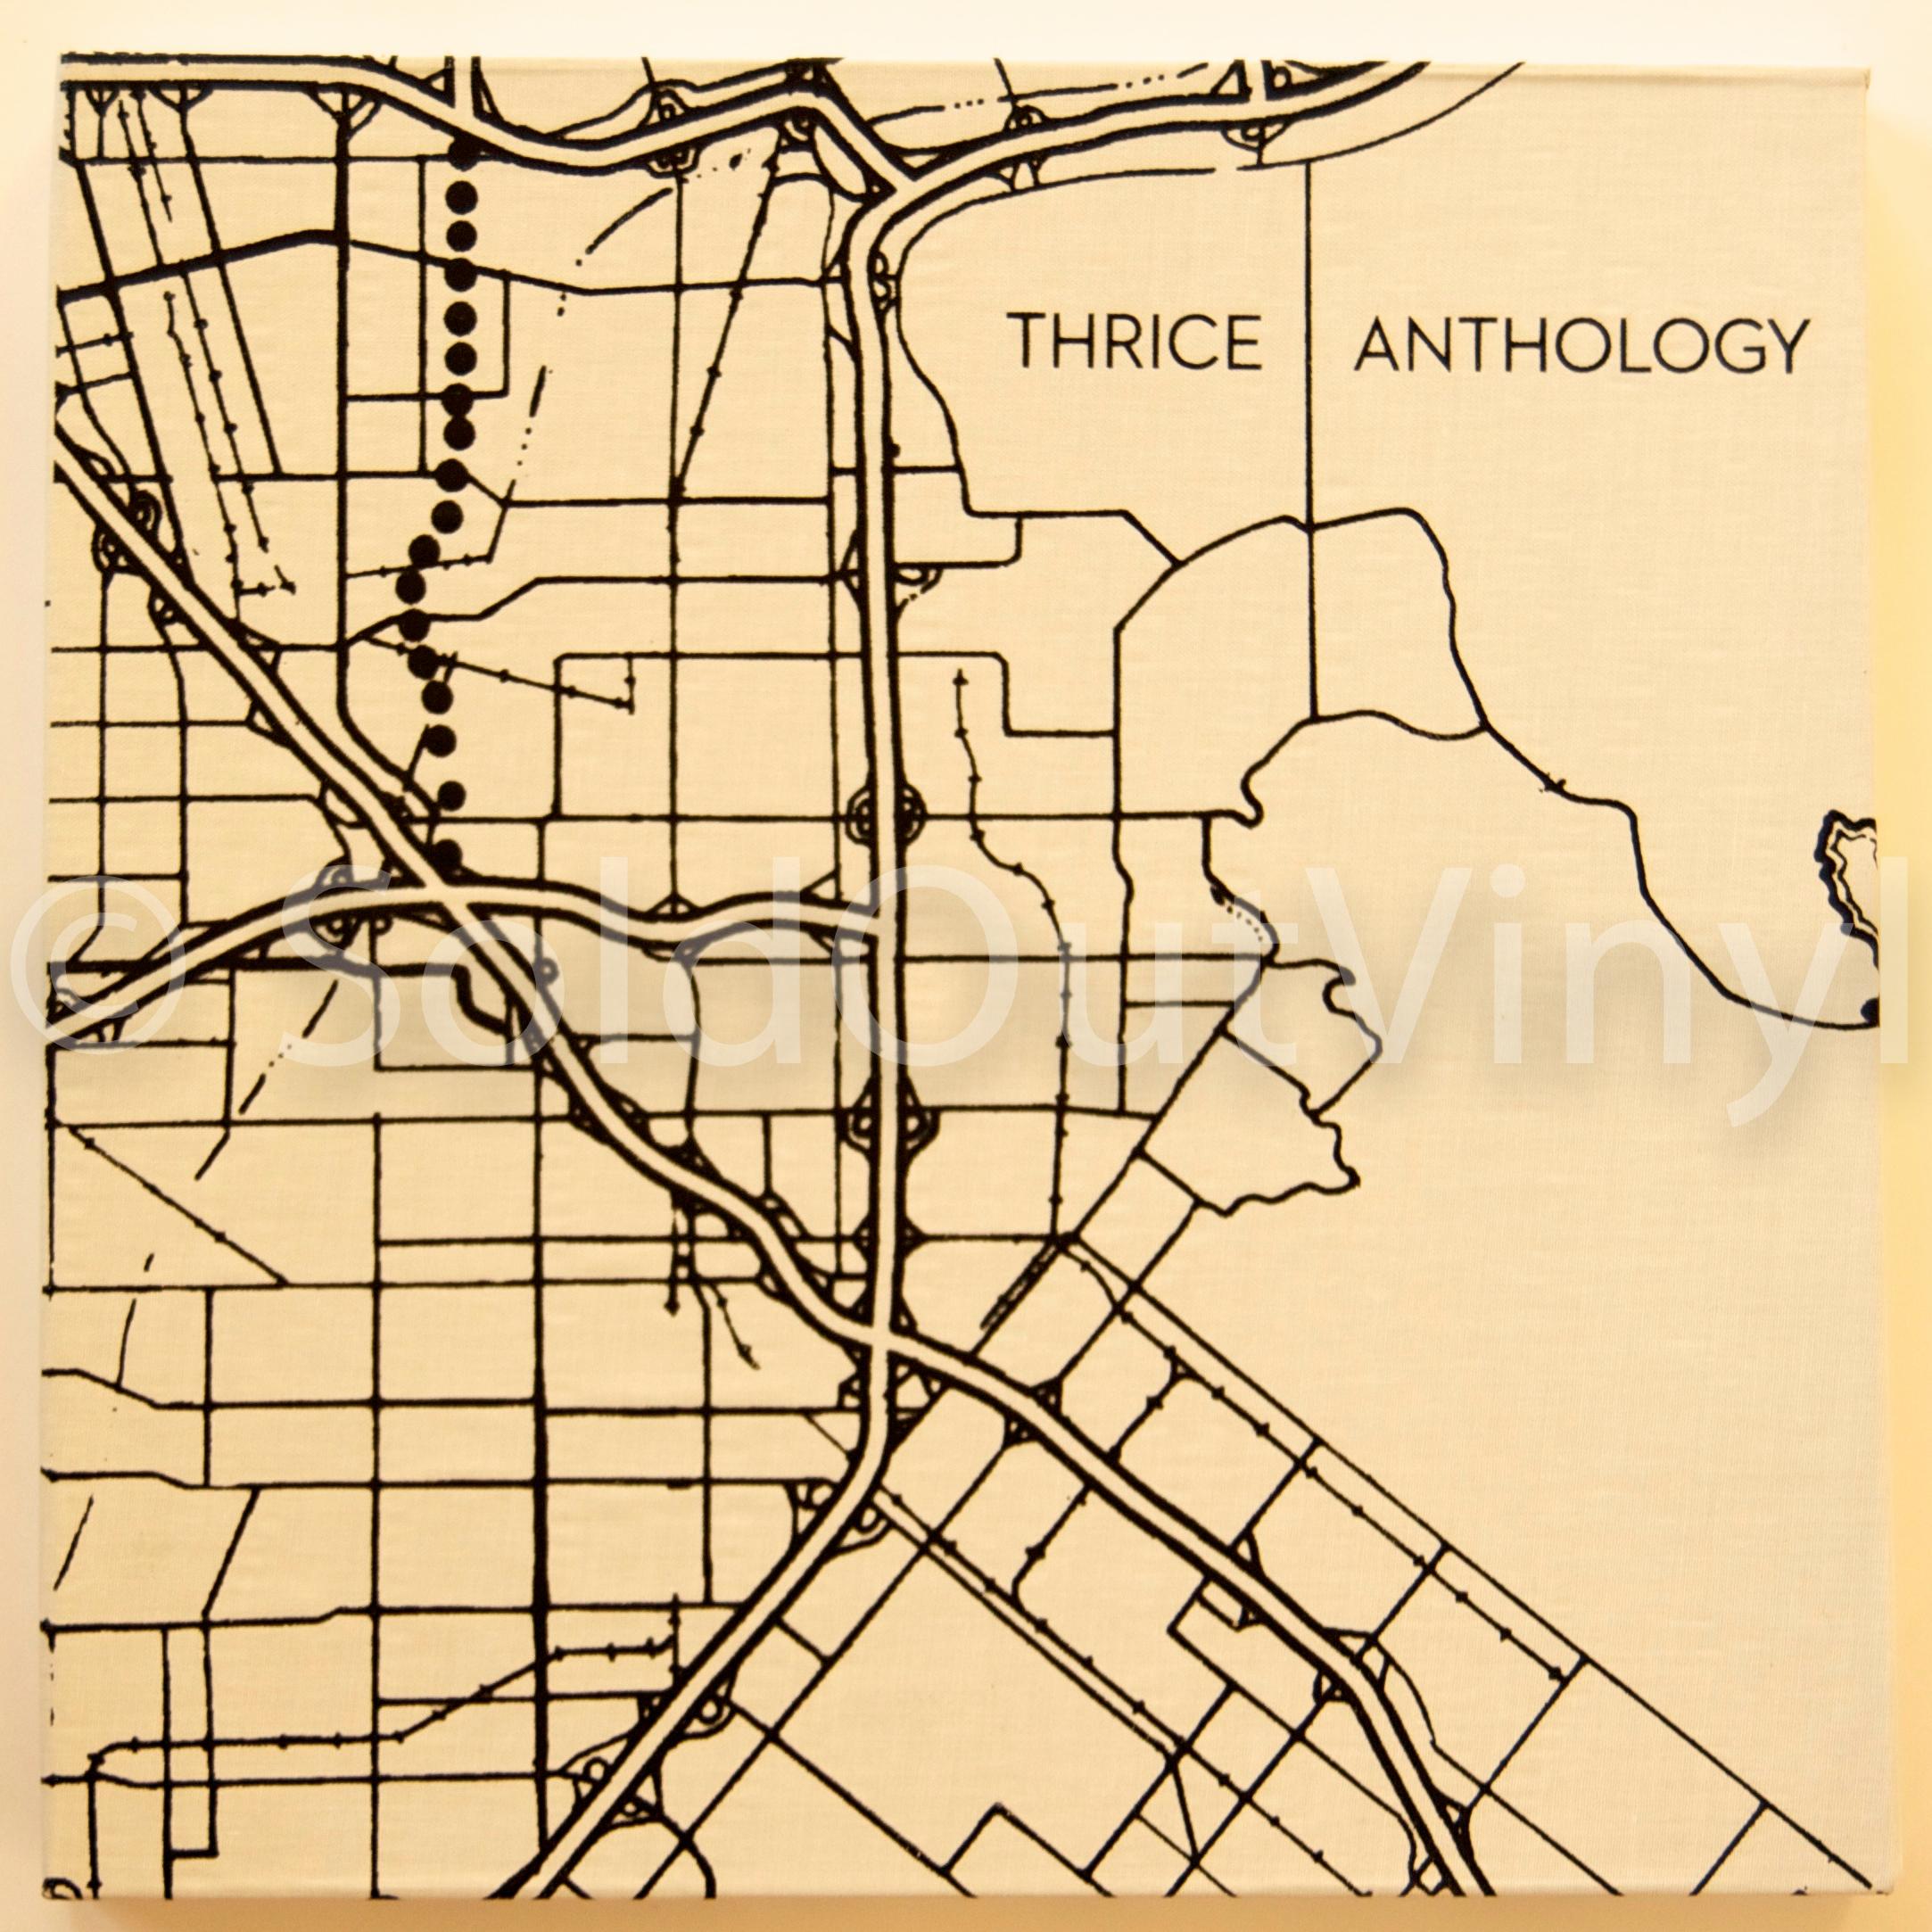 Thrice Anthology Live Vinyl 4xlp Set Boxset Soldoutvinyl